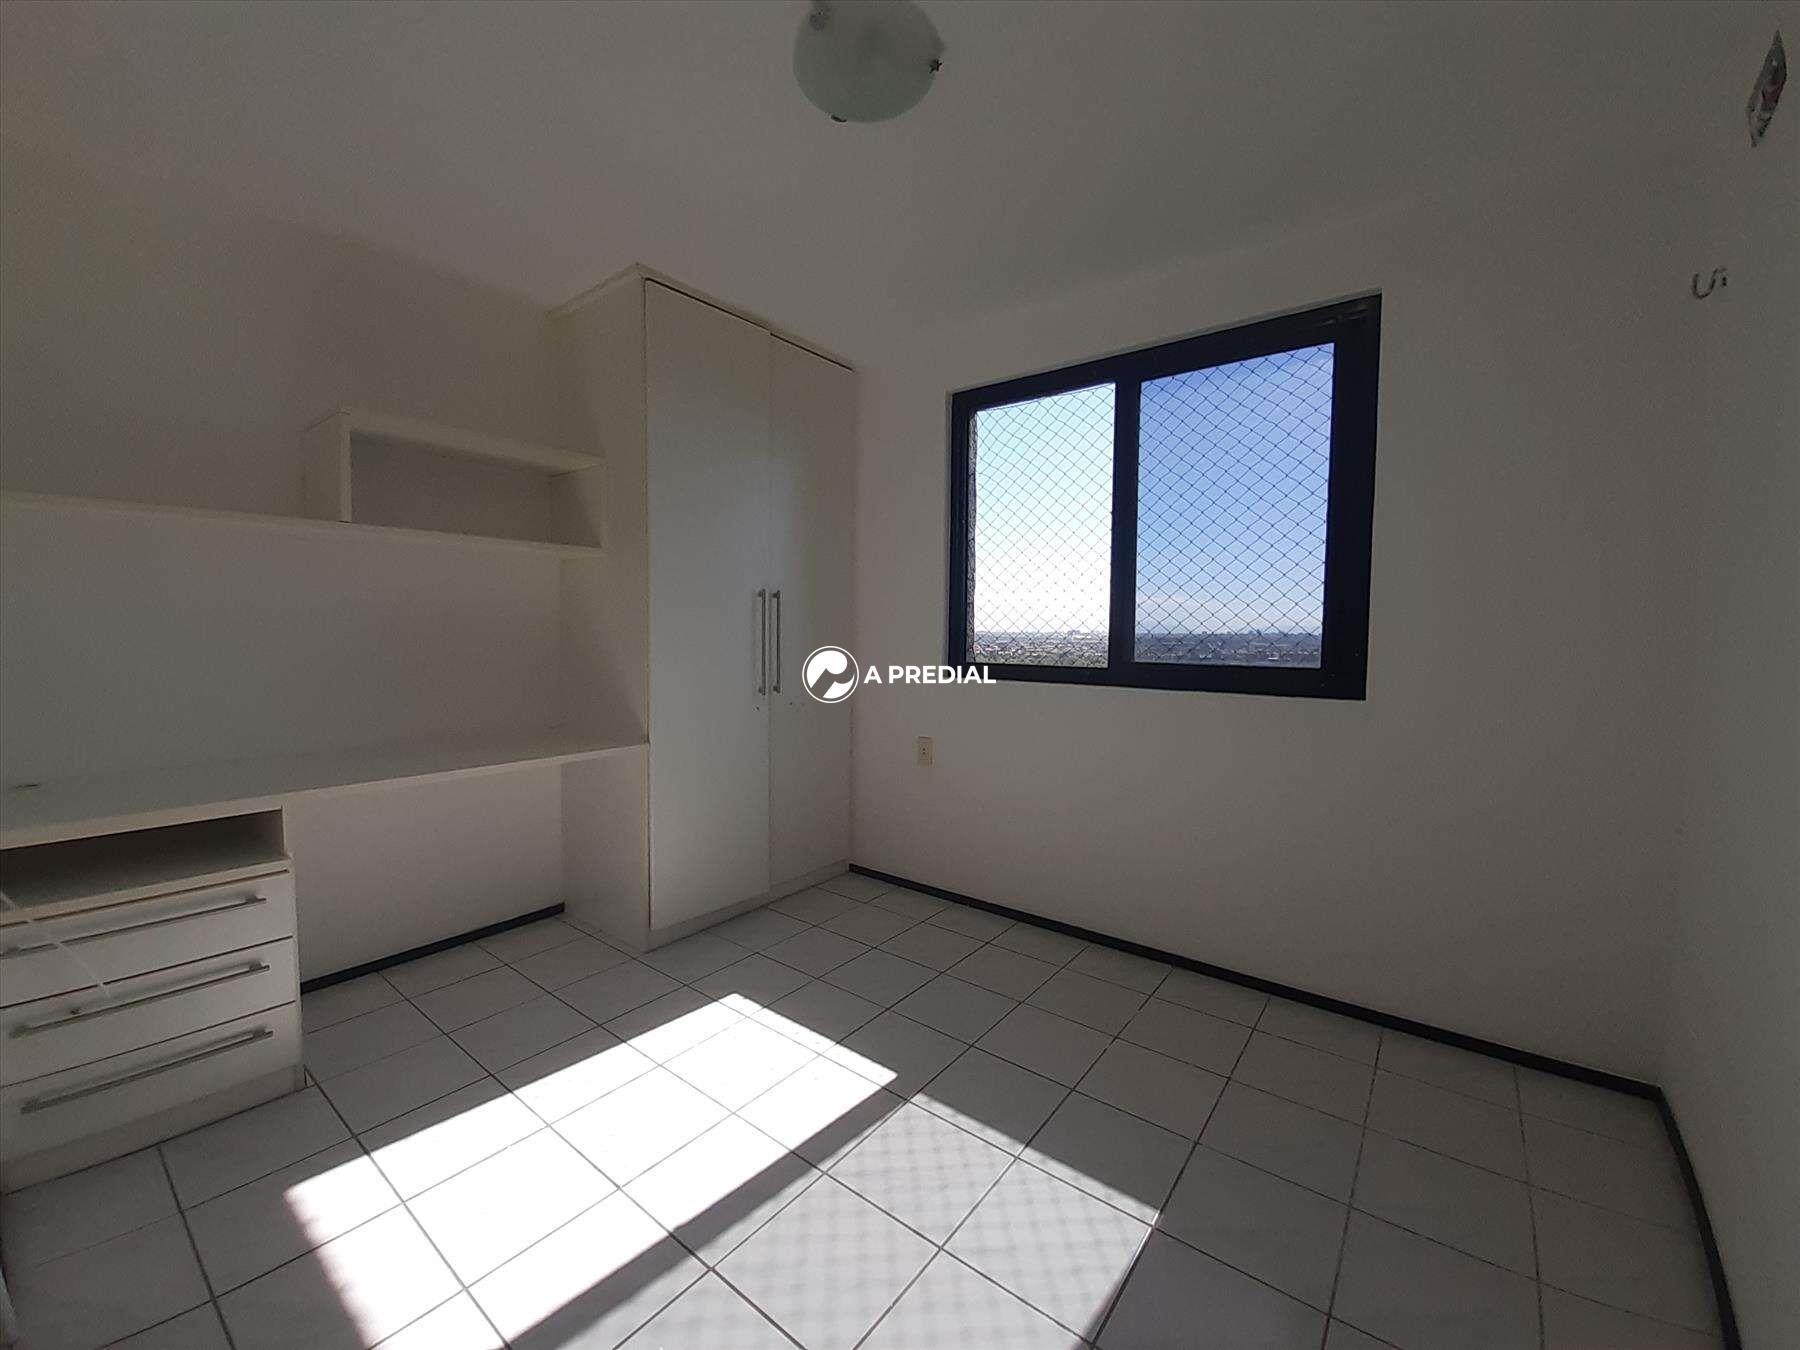 Apartamento à venda no Salinas: bc4305c4-4-20200806_143931.jpg